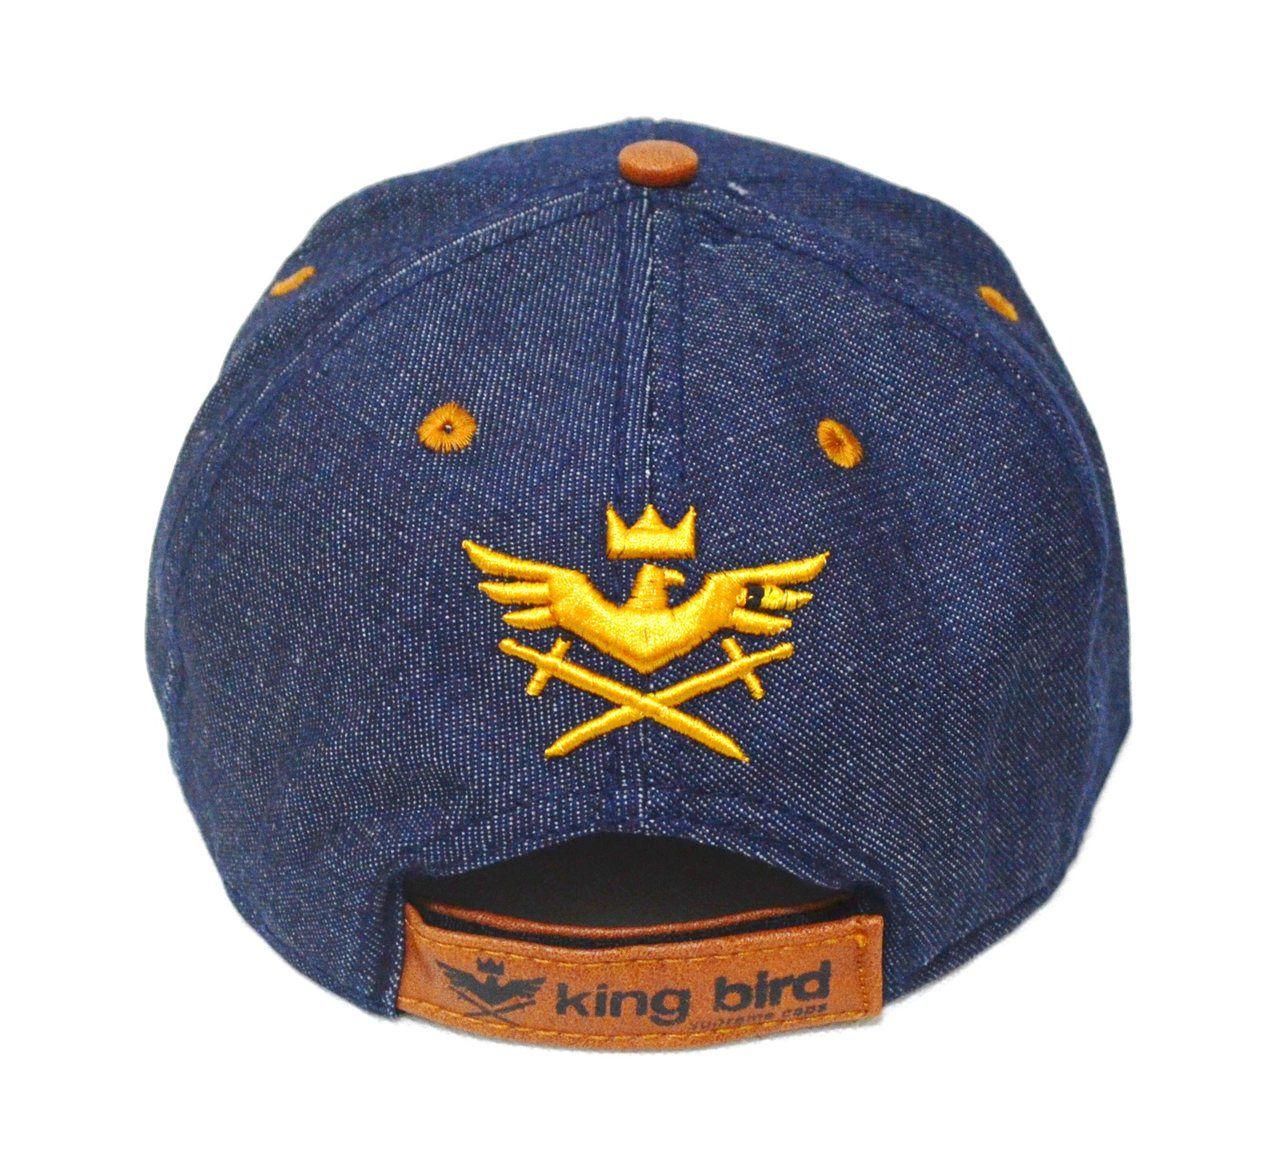 Boné Brooklyn King Bird Jeans Aba Reta Caramelo Unissex - Aberto com Ajuste de Tamanho Snapback